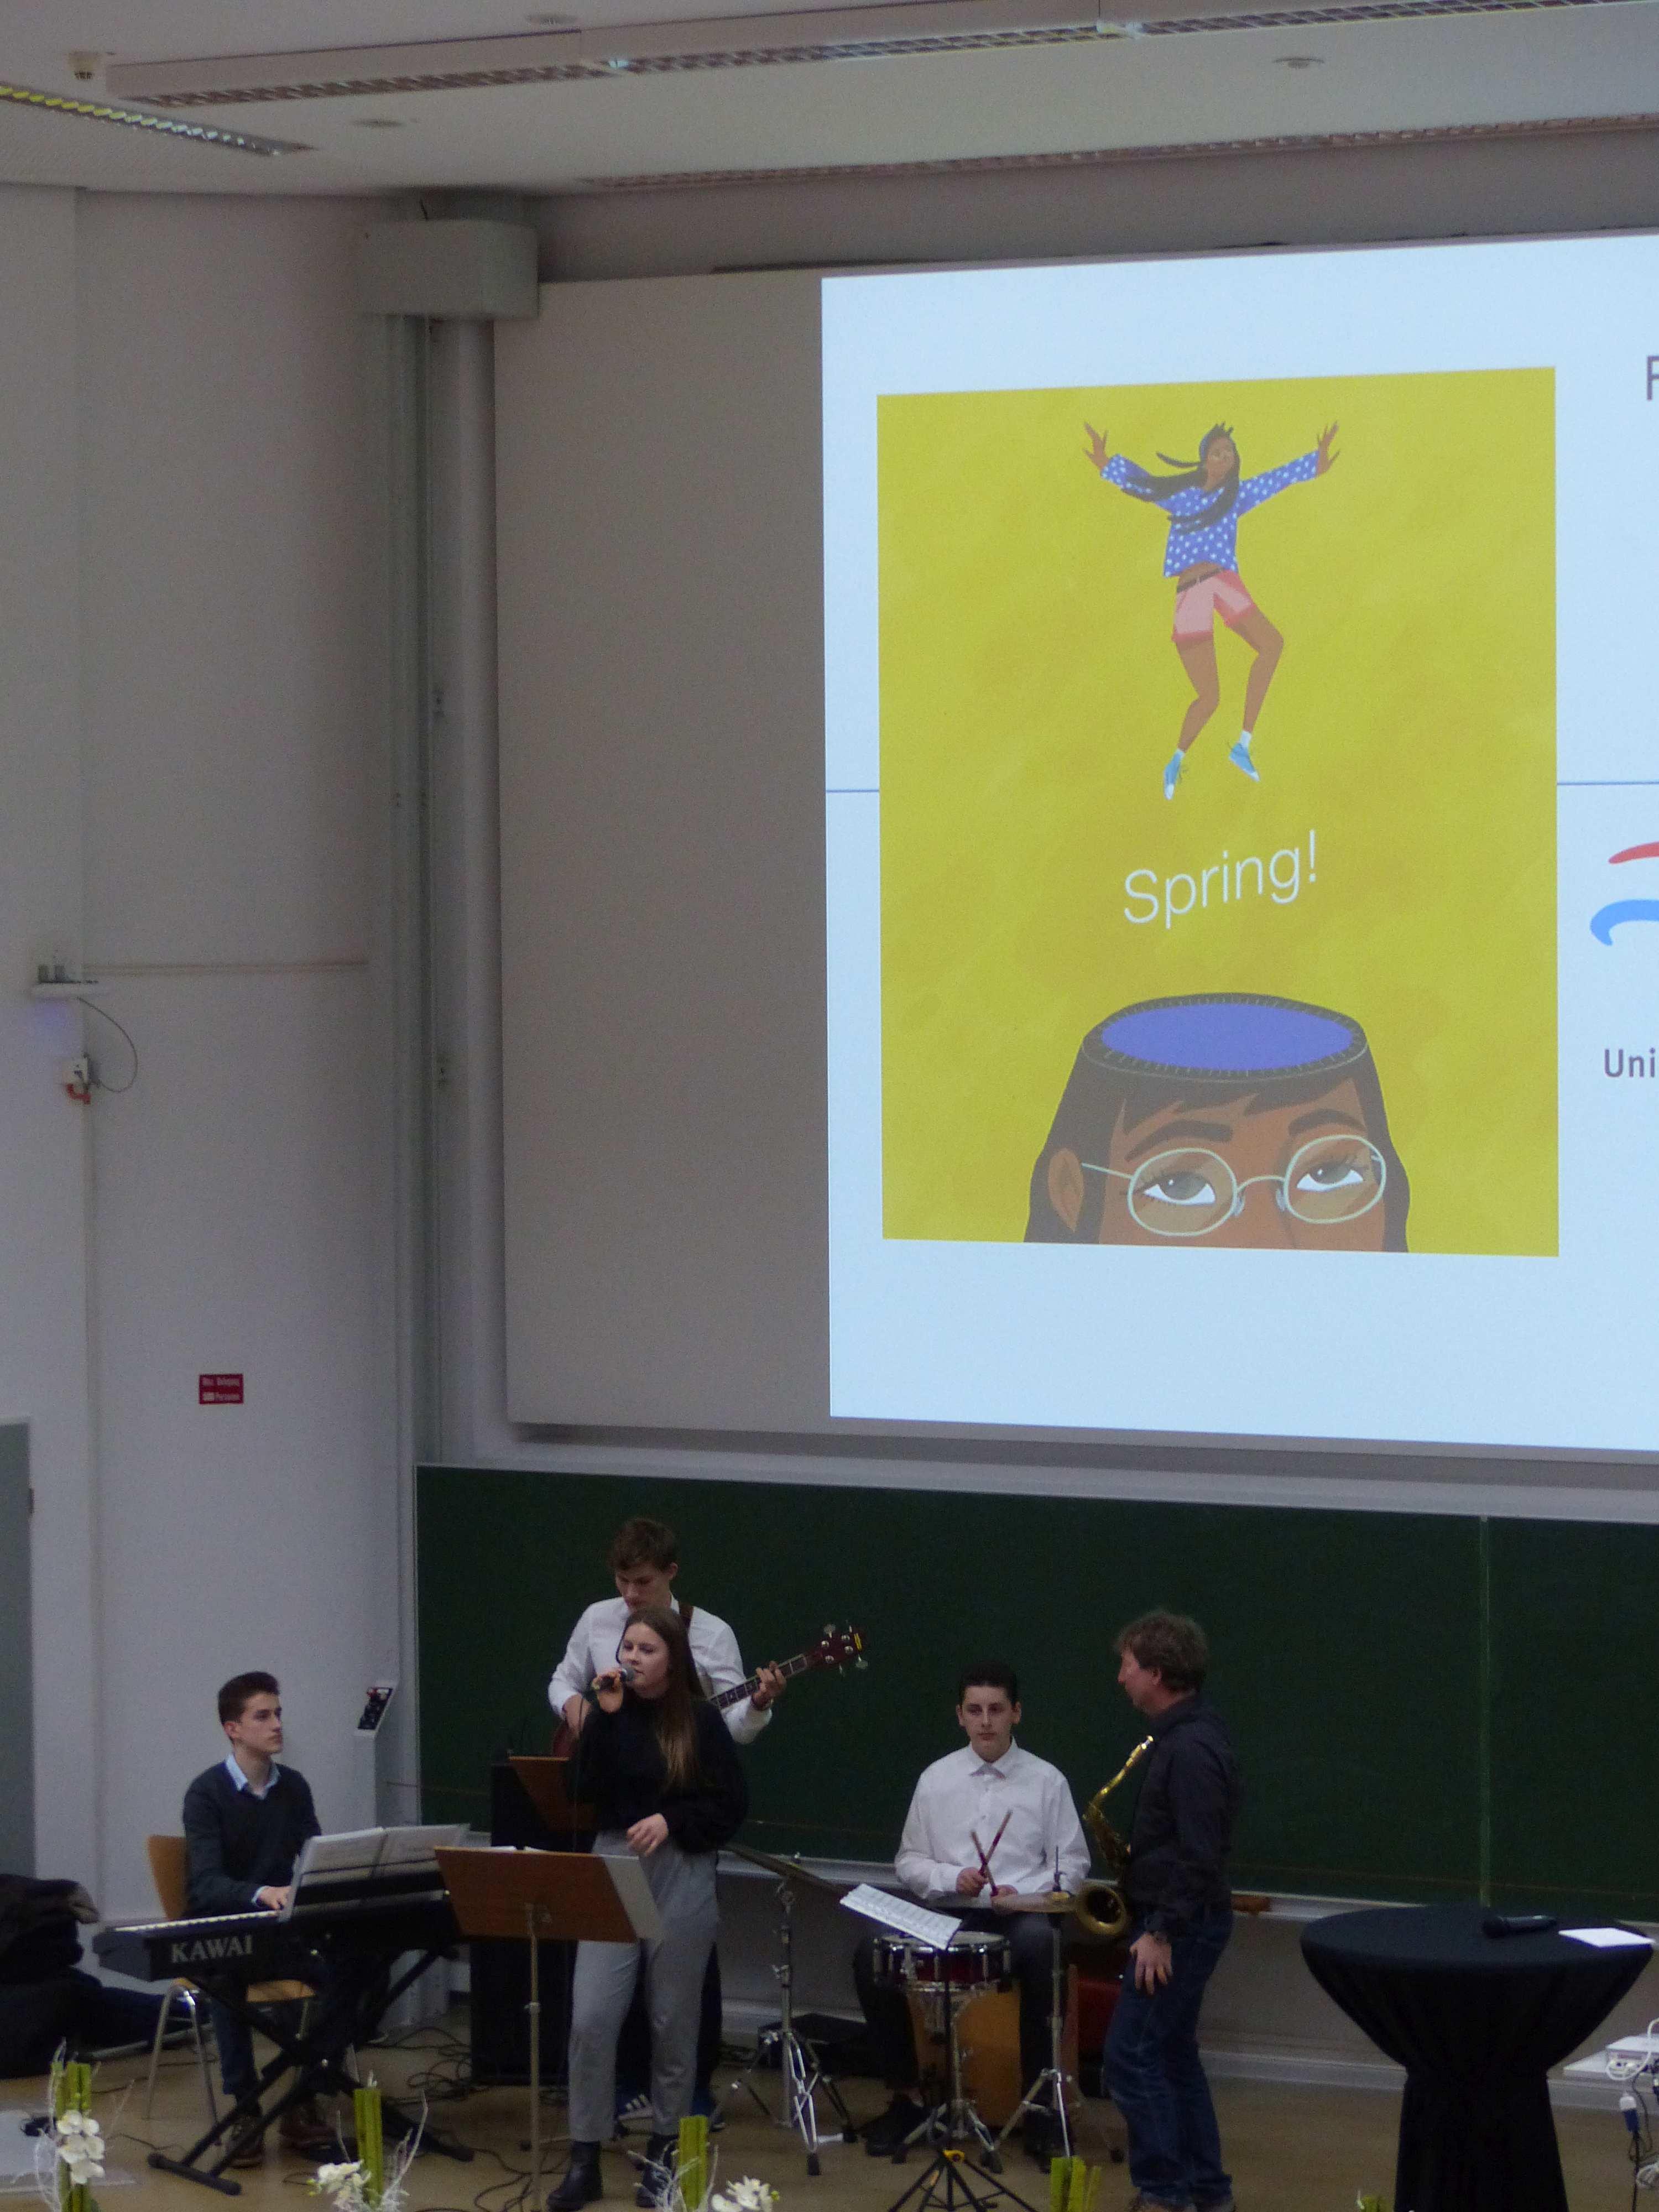 Freudensprünge bei den Jungforschern   Ökumenisches Gymnasium zu Bremen